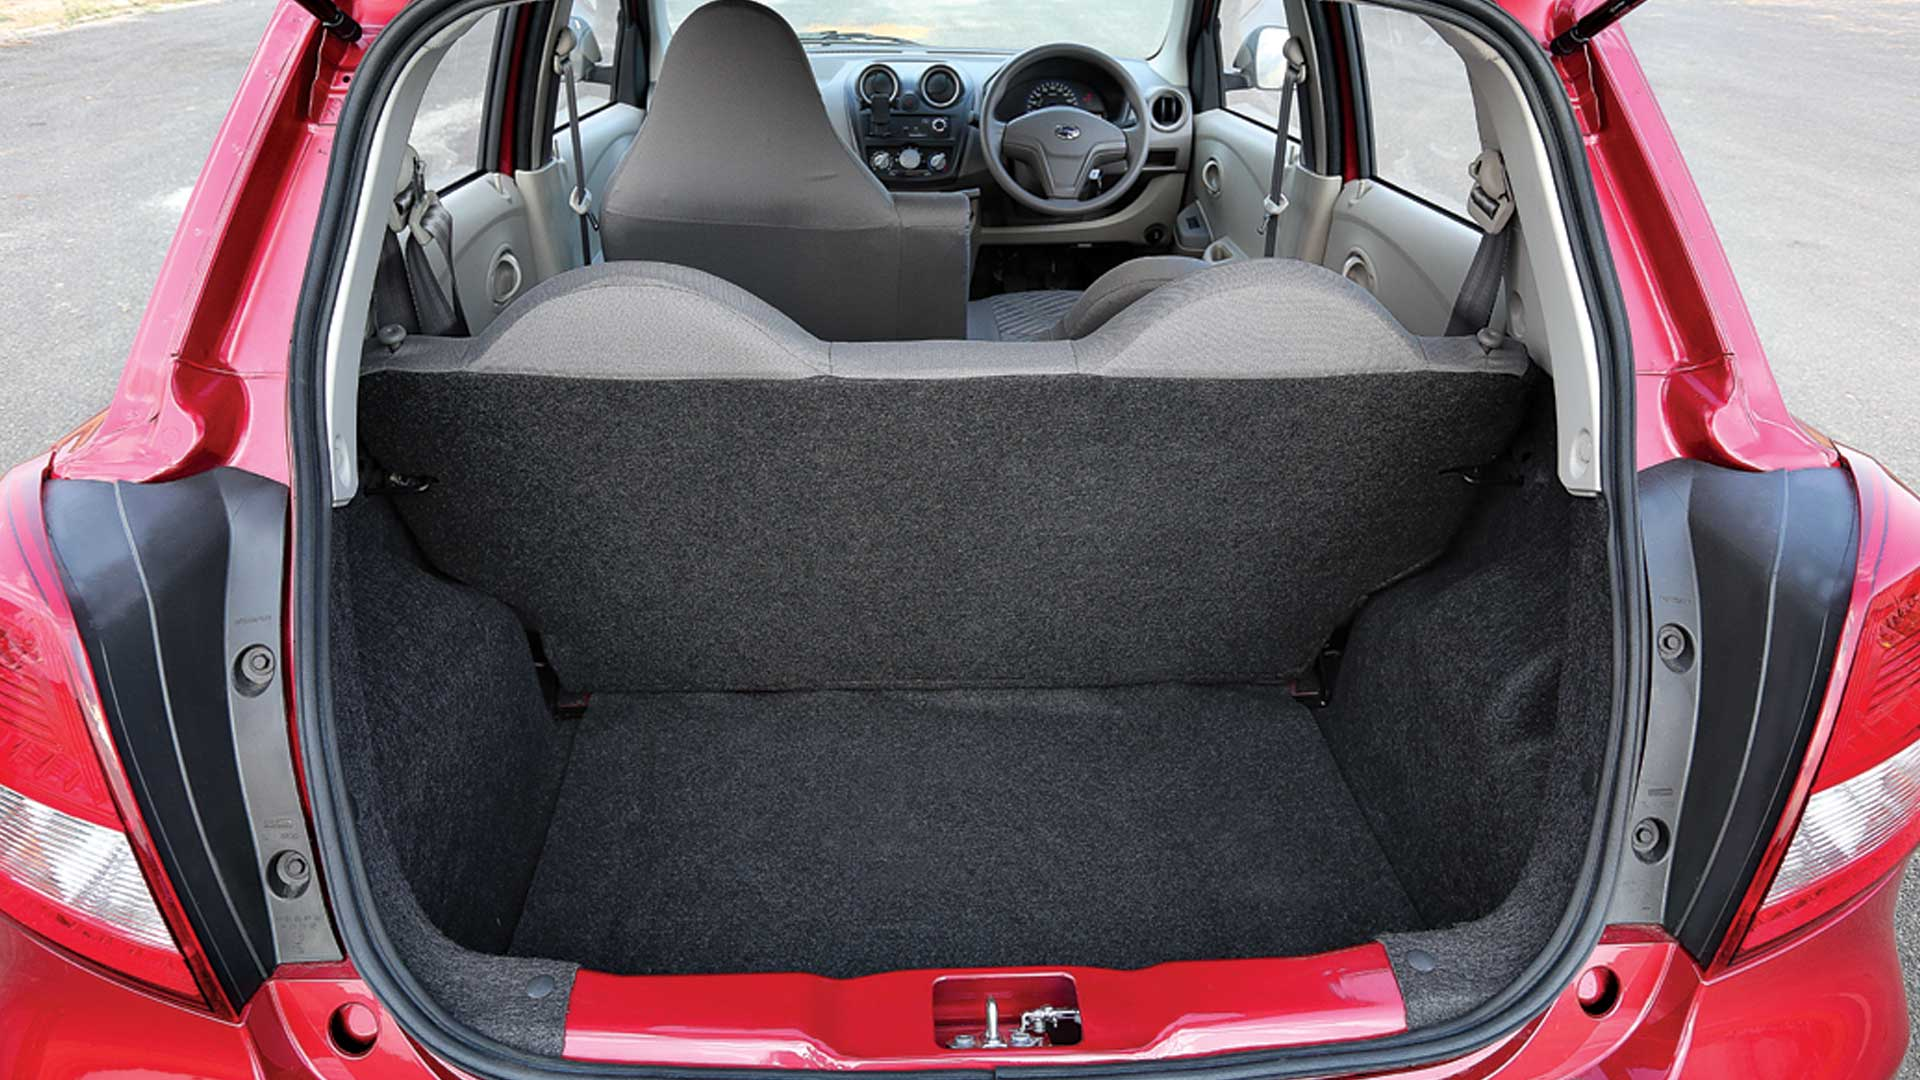 Datsun-go-2014 Exterior